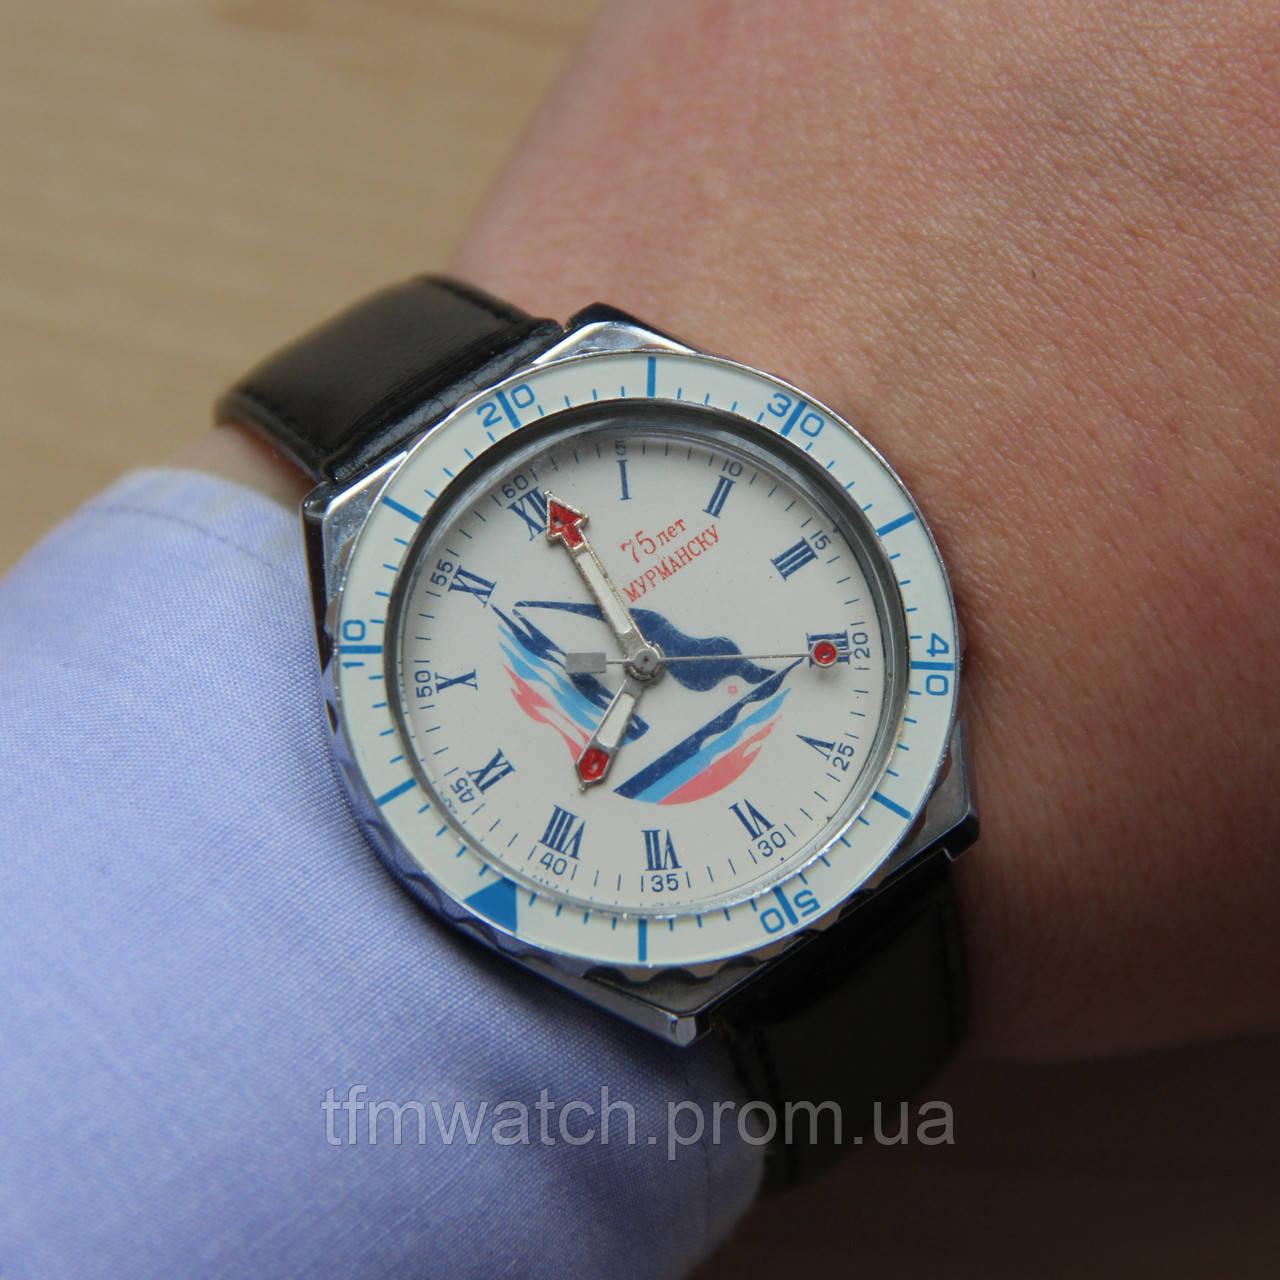 Мурманск продать часы спб час стоимость лимузина